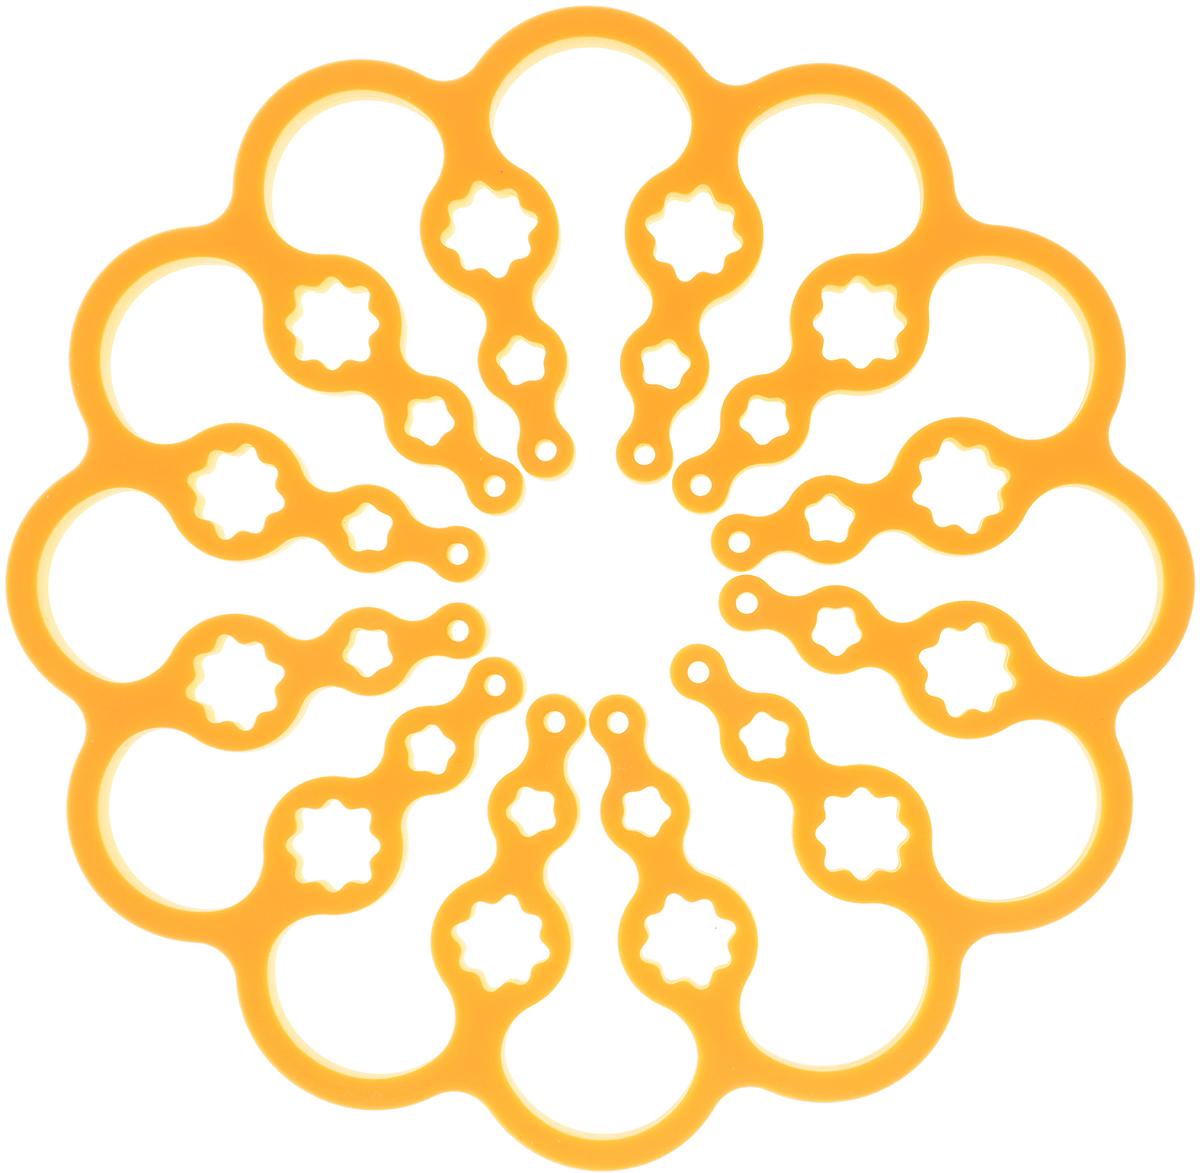 Подставка под горячее Attribute, цвет: темно-желтый, диаметр 15 / 26 смAAS001_темно-желтыйУникальная форма подставки под горячее Attribute (в сложенном виде диаметр составляет - 15 см, в развернутом - 26 см) позволяет использовать ее для посуды разных размеров. Подставка защитит поверхность стола от высоких температур и влаги.